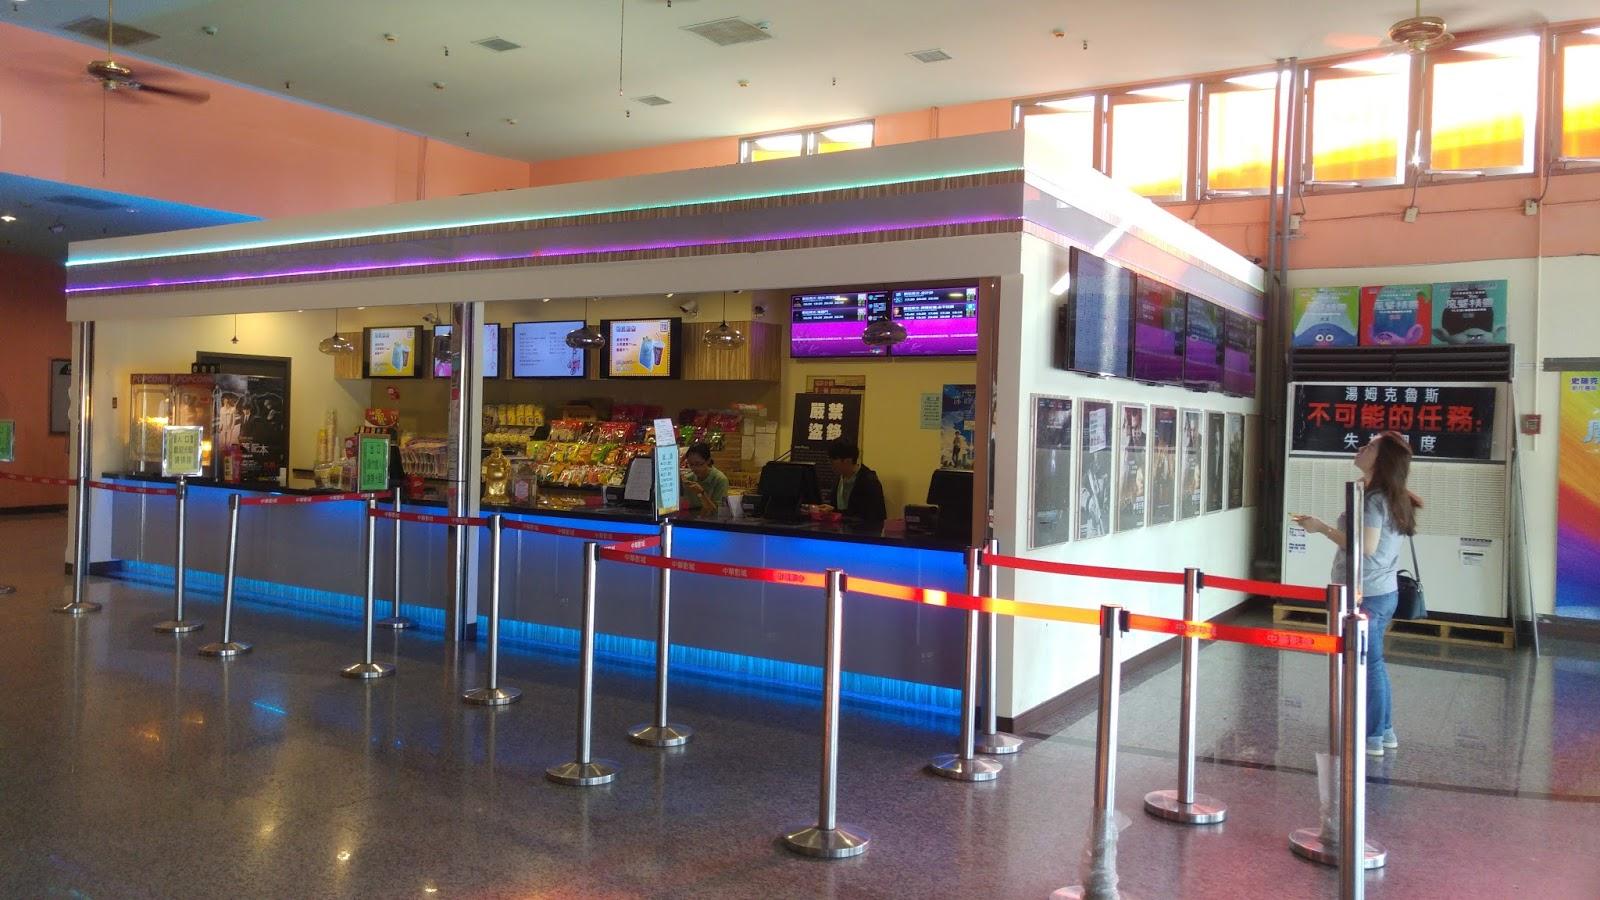 雲林斗六景點《中華影城》首輪院線片電影院,看最新上檔電影的地方!